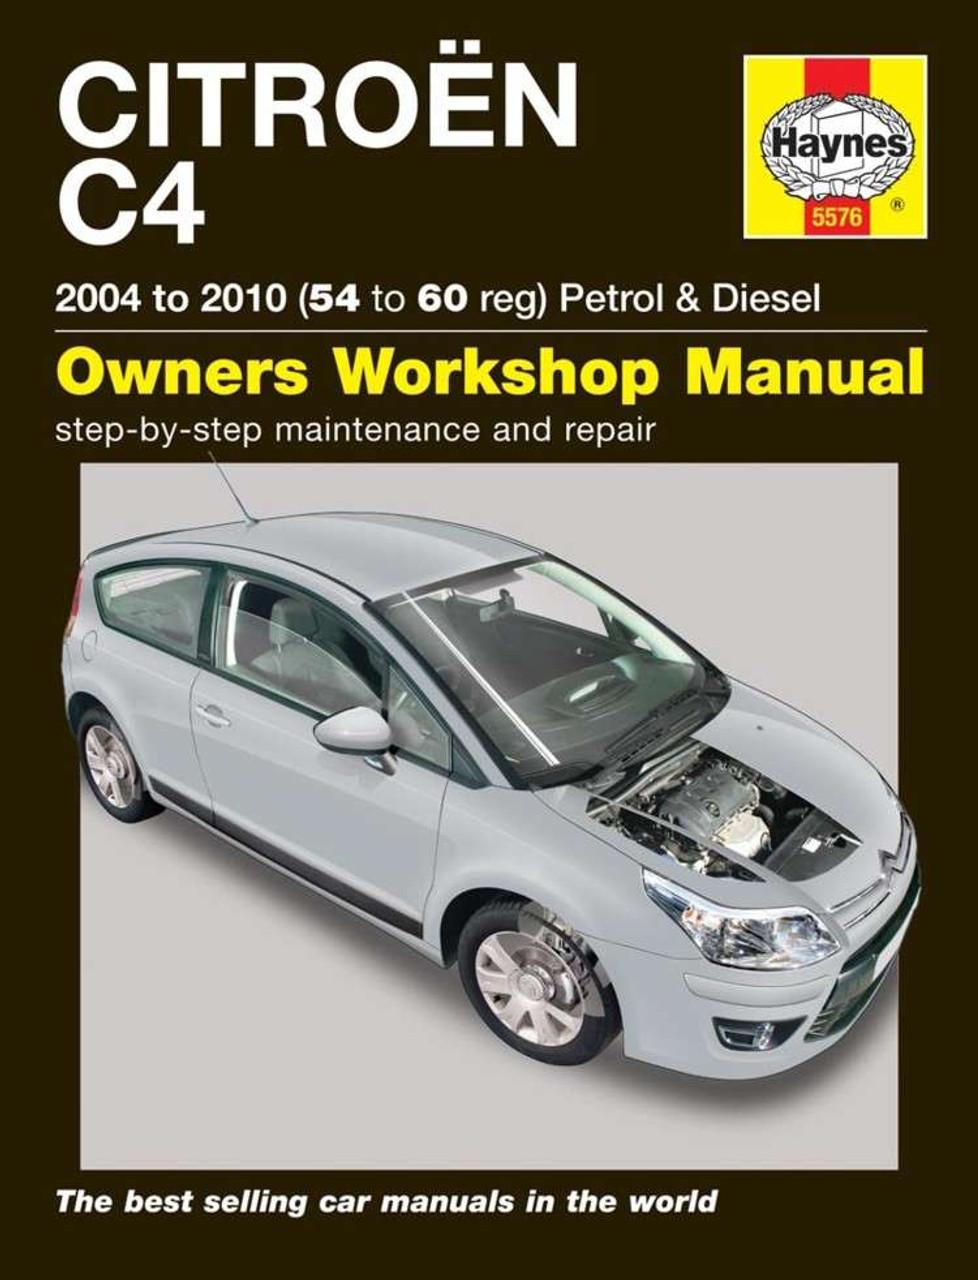 citroen c4 petrol diesel 2004 2010 workshop manual rh automotobookshop com au New Citroen C4 Citroen C4 Diesel